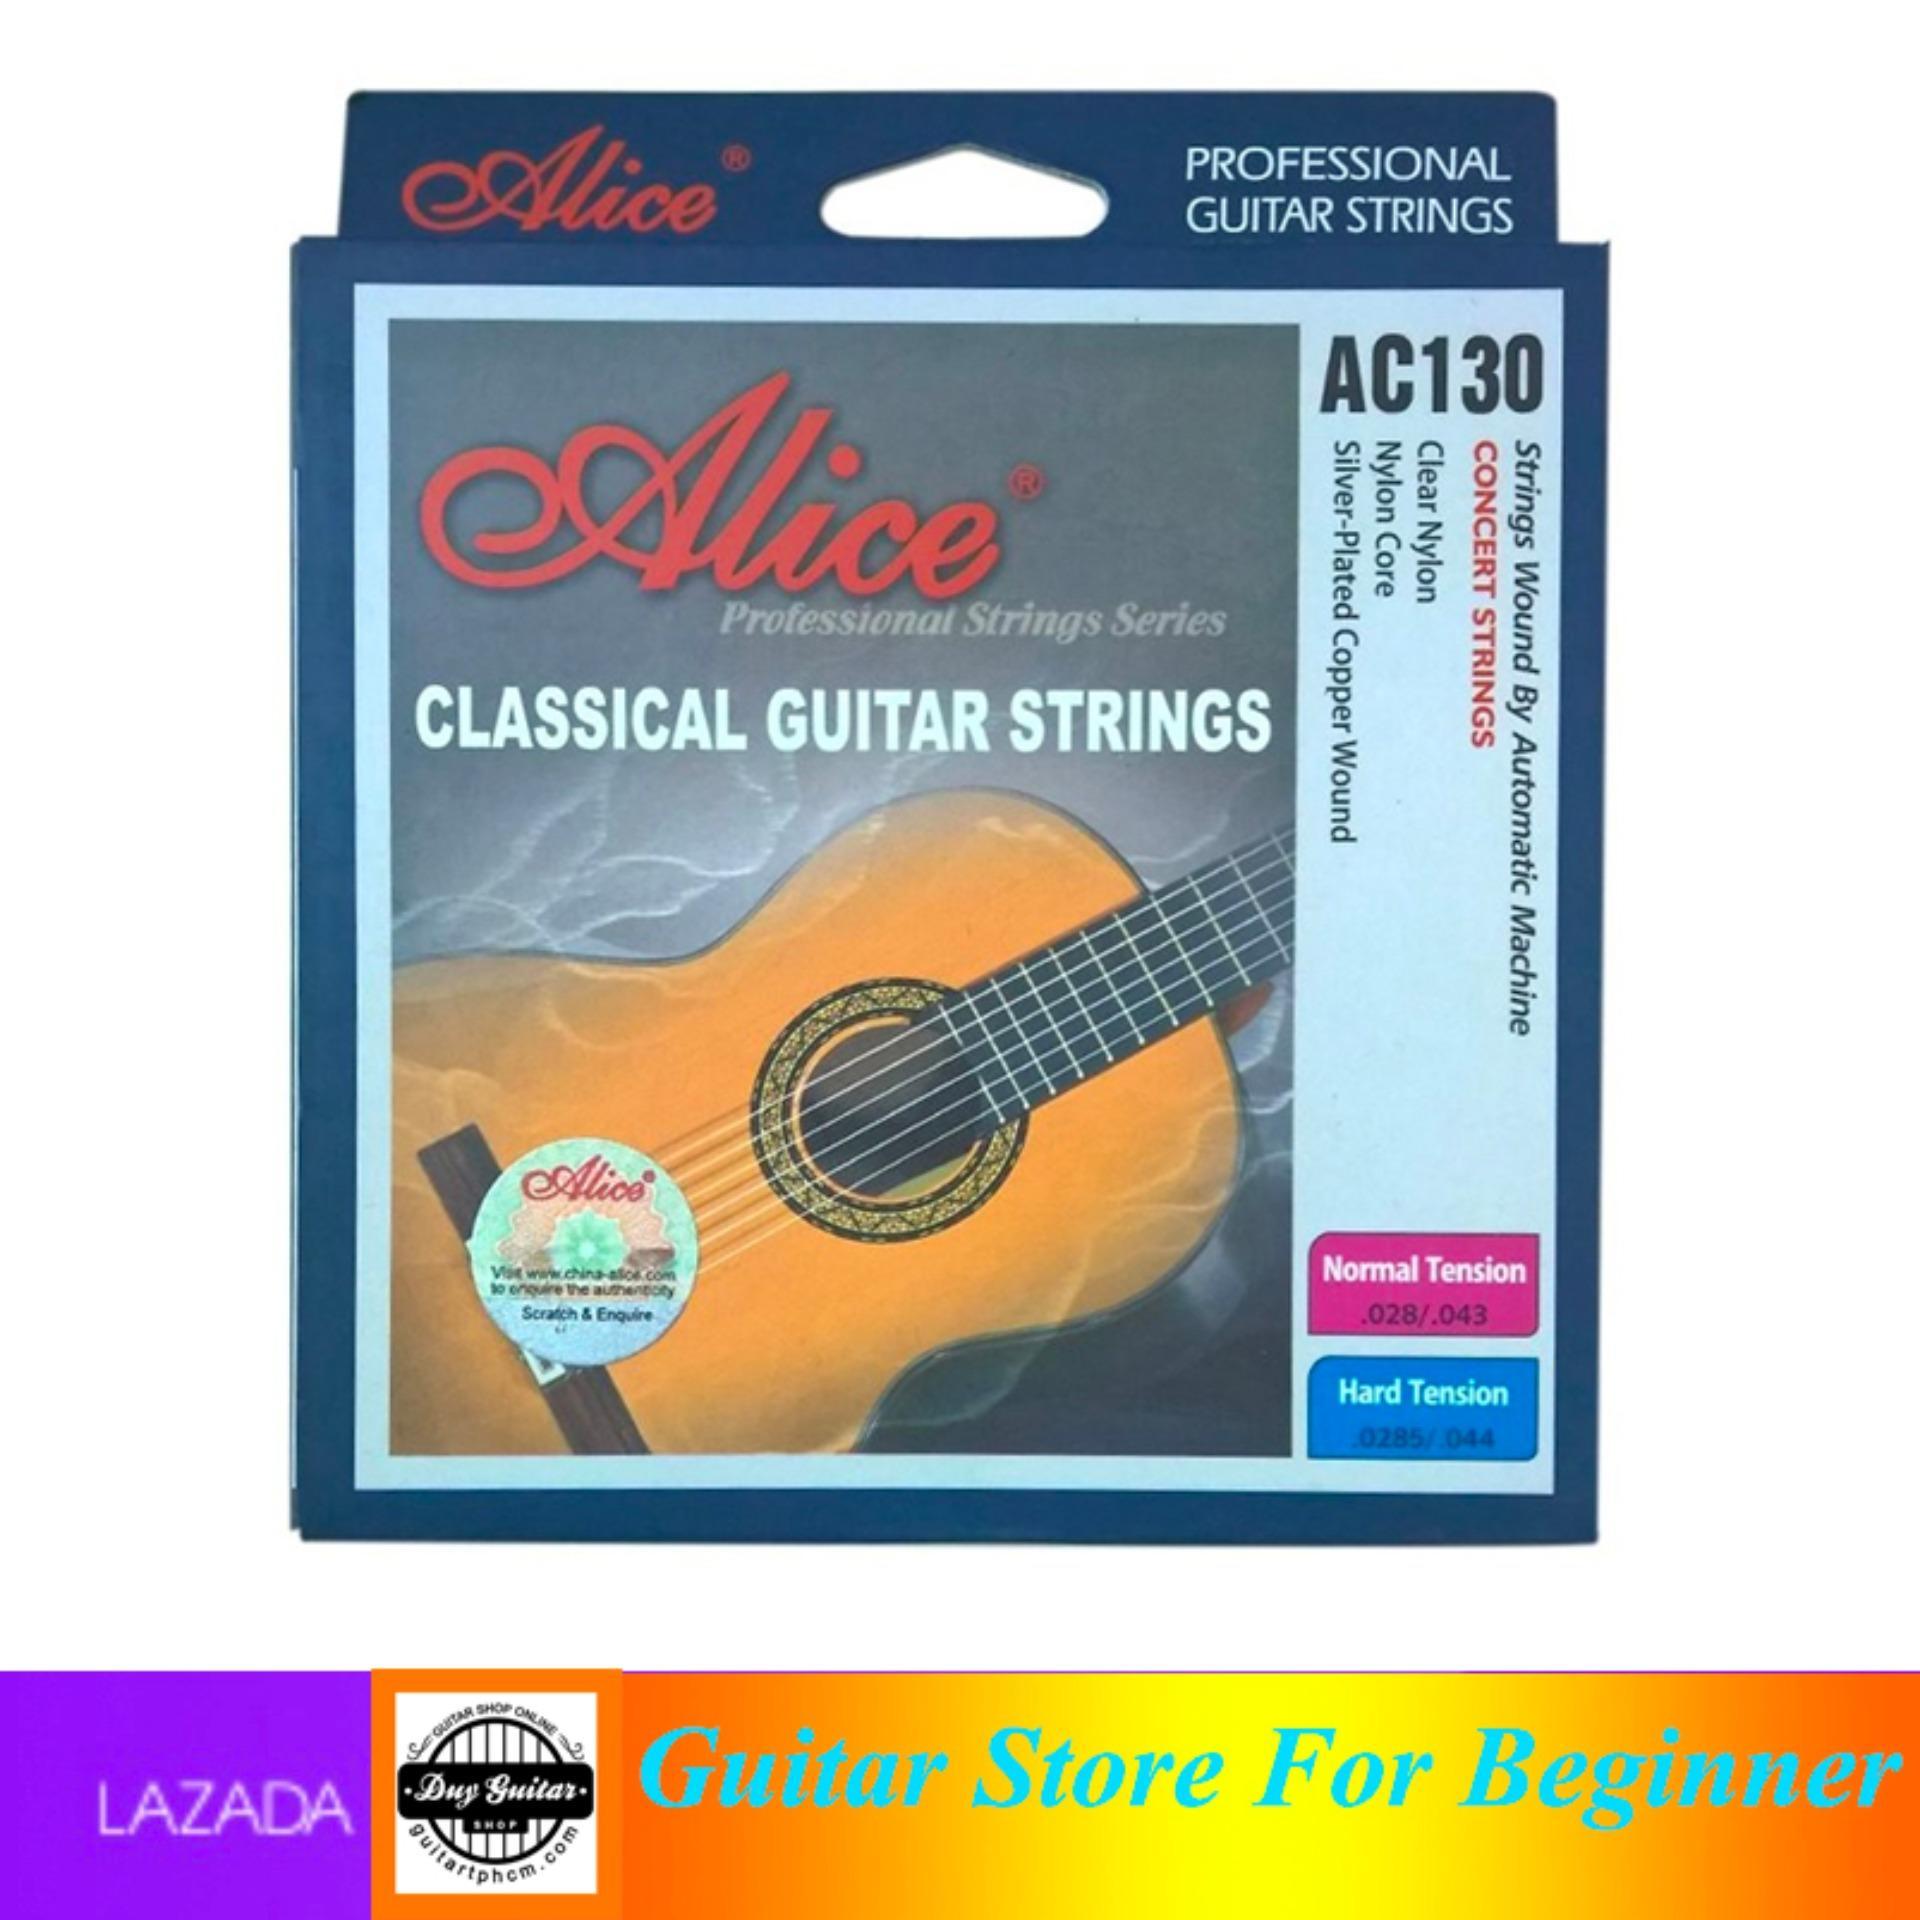 Dây Classic Guitar Alice AC130 - Shop Duy Guitar Chuyên đàn Guitar Dành Cho Người Mới Tập Giá Tốt Không Thể Bỏ Qua